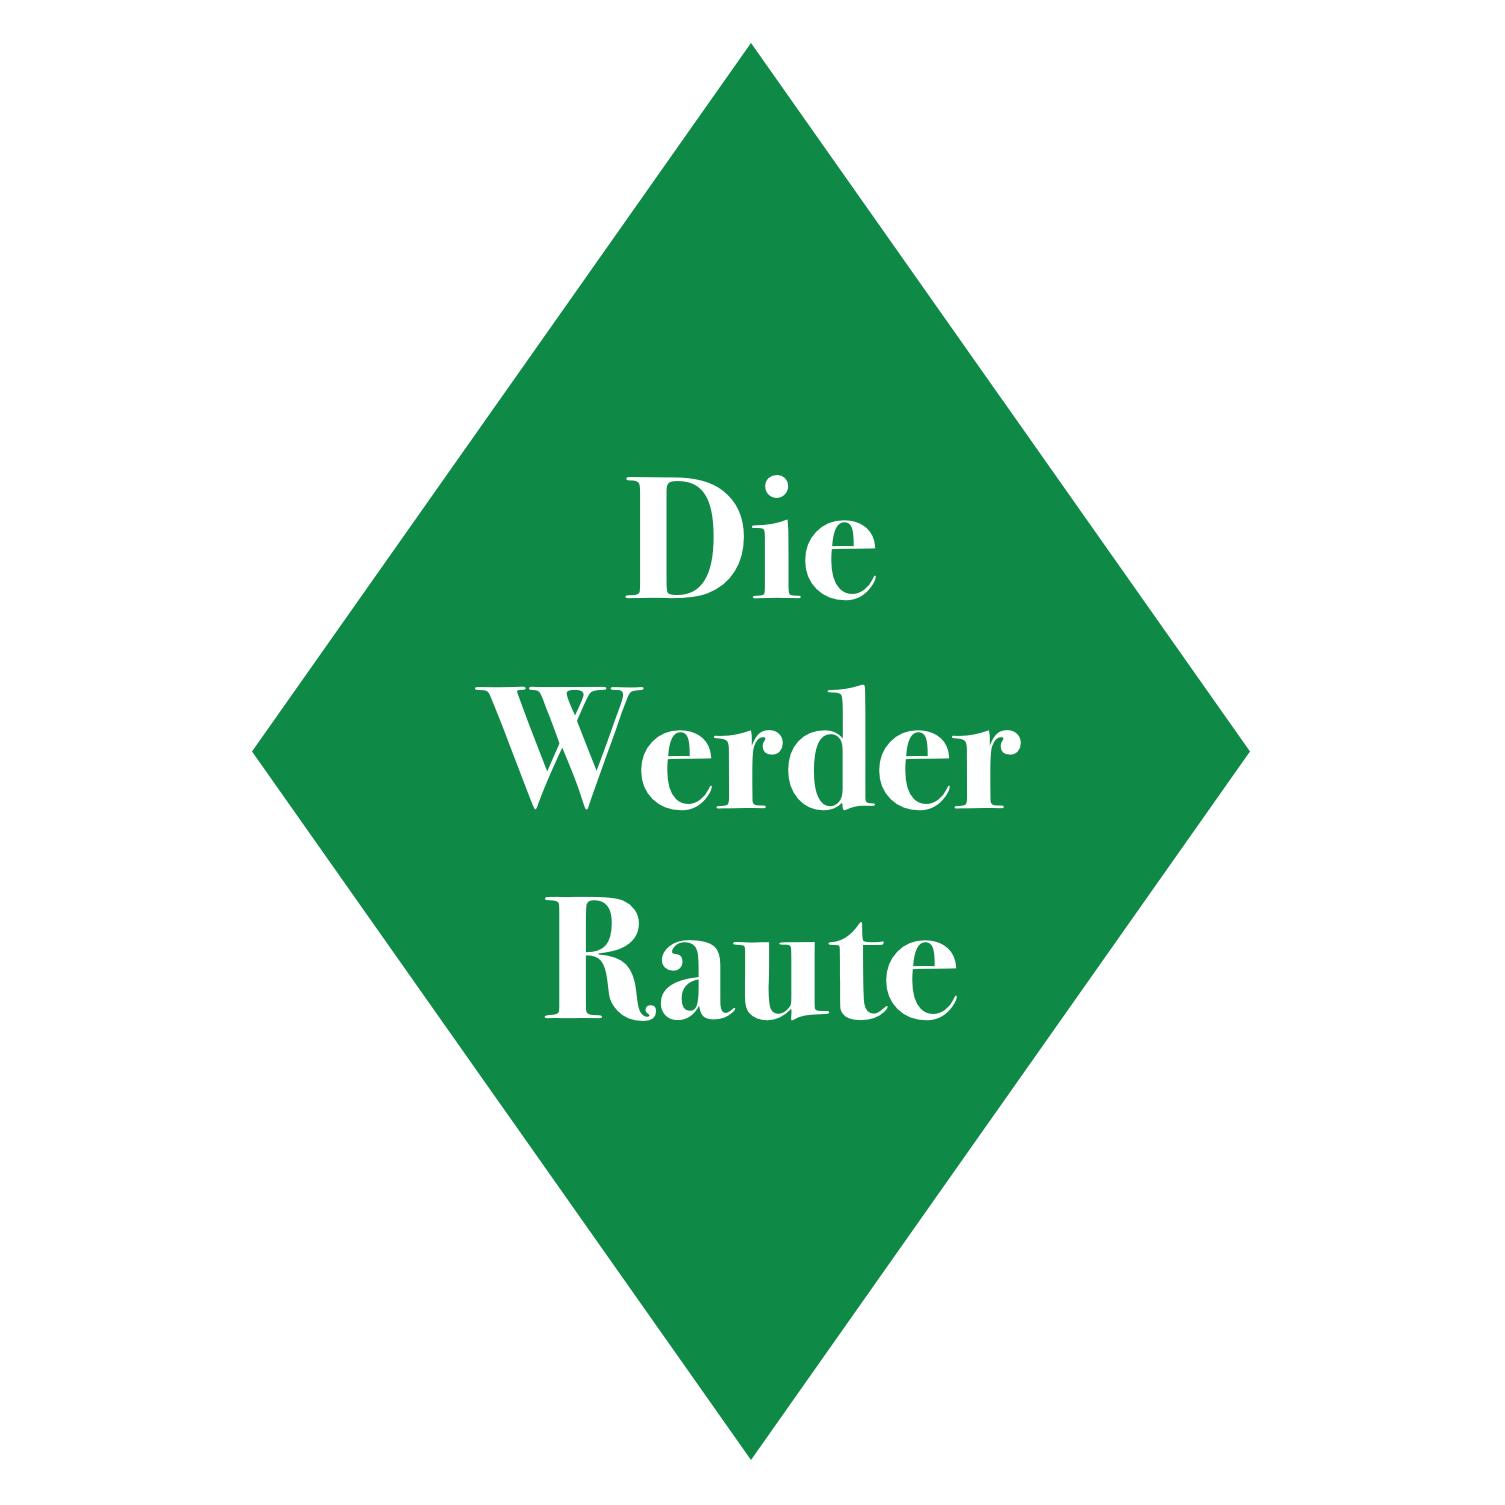 Die Werder Raute